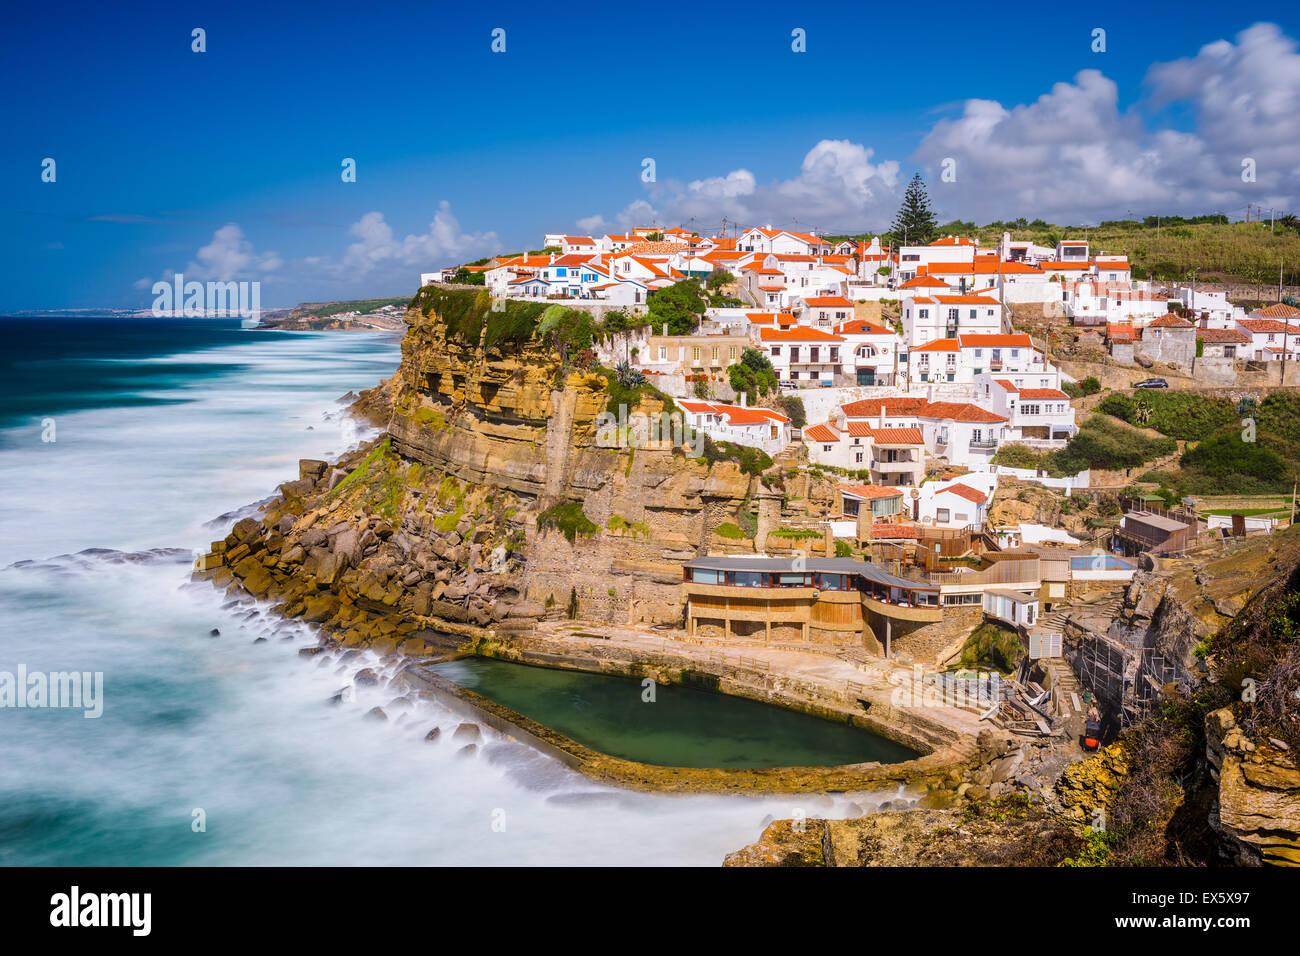 Praia das Maçãs, Portugal ville de bord de mer. Photo Stock